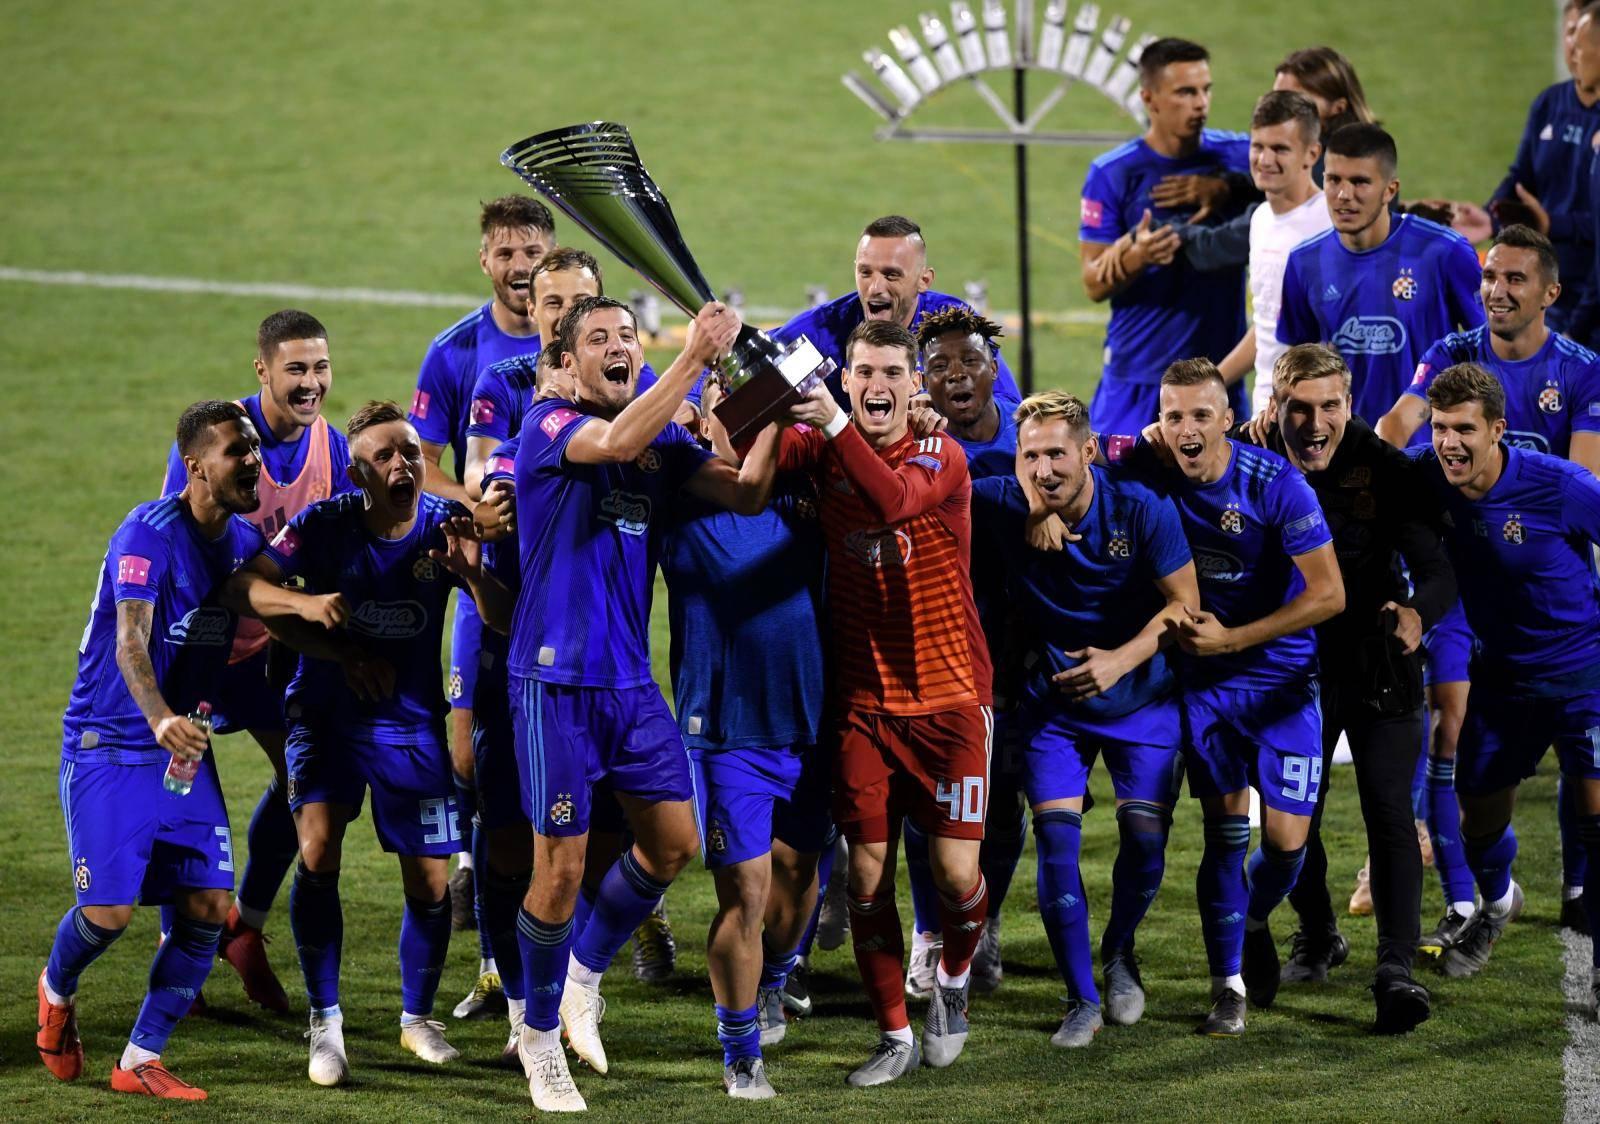 Prvenstvo kreće 14. kolovoza, hrvatski Superkup tek u siječnju